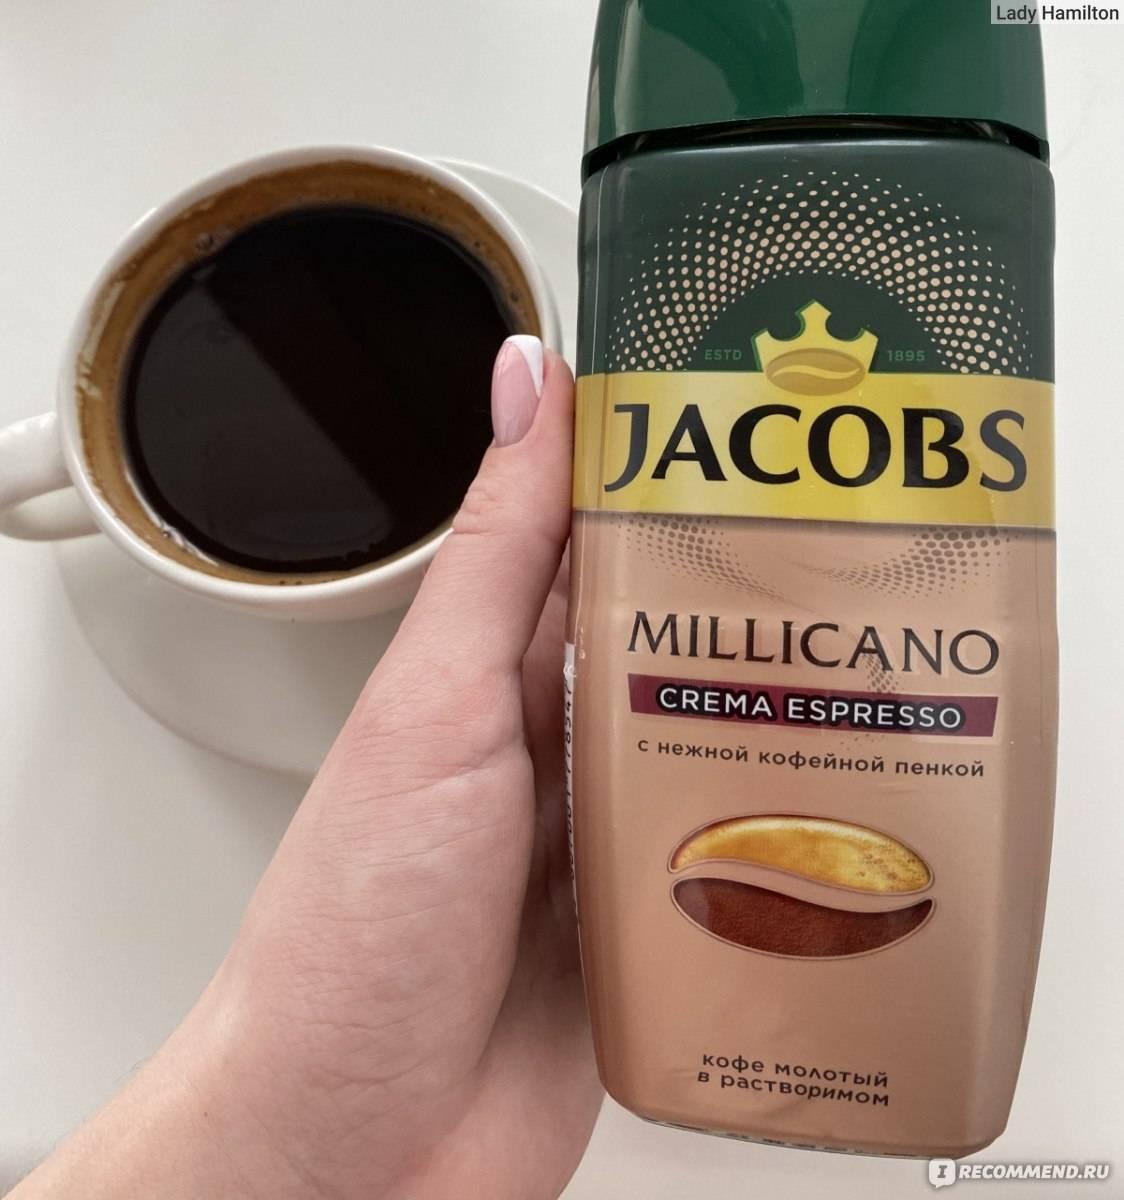 Кофе якобс: история, разновидности,состав